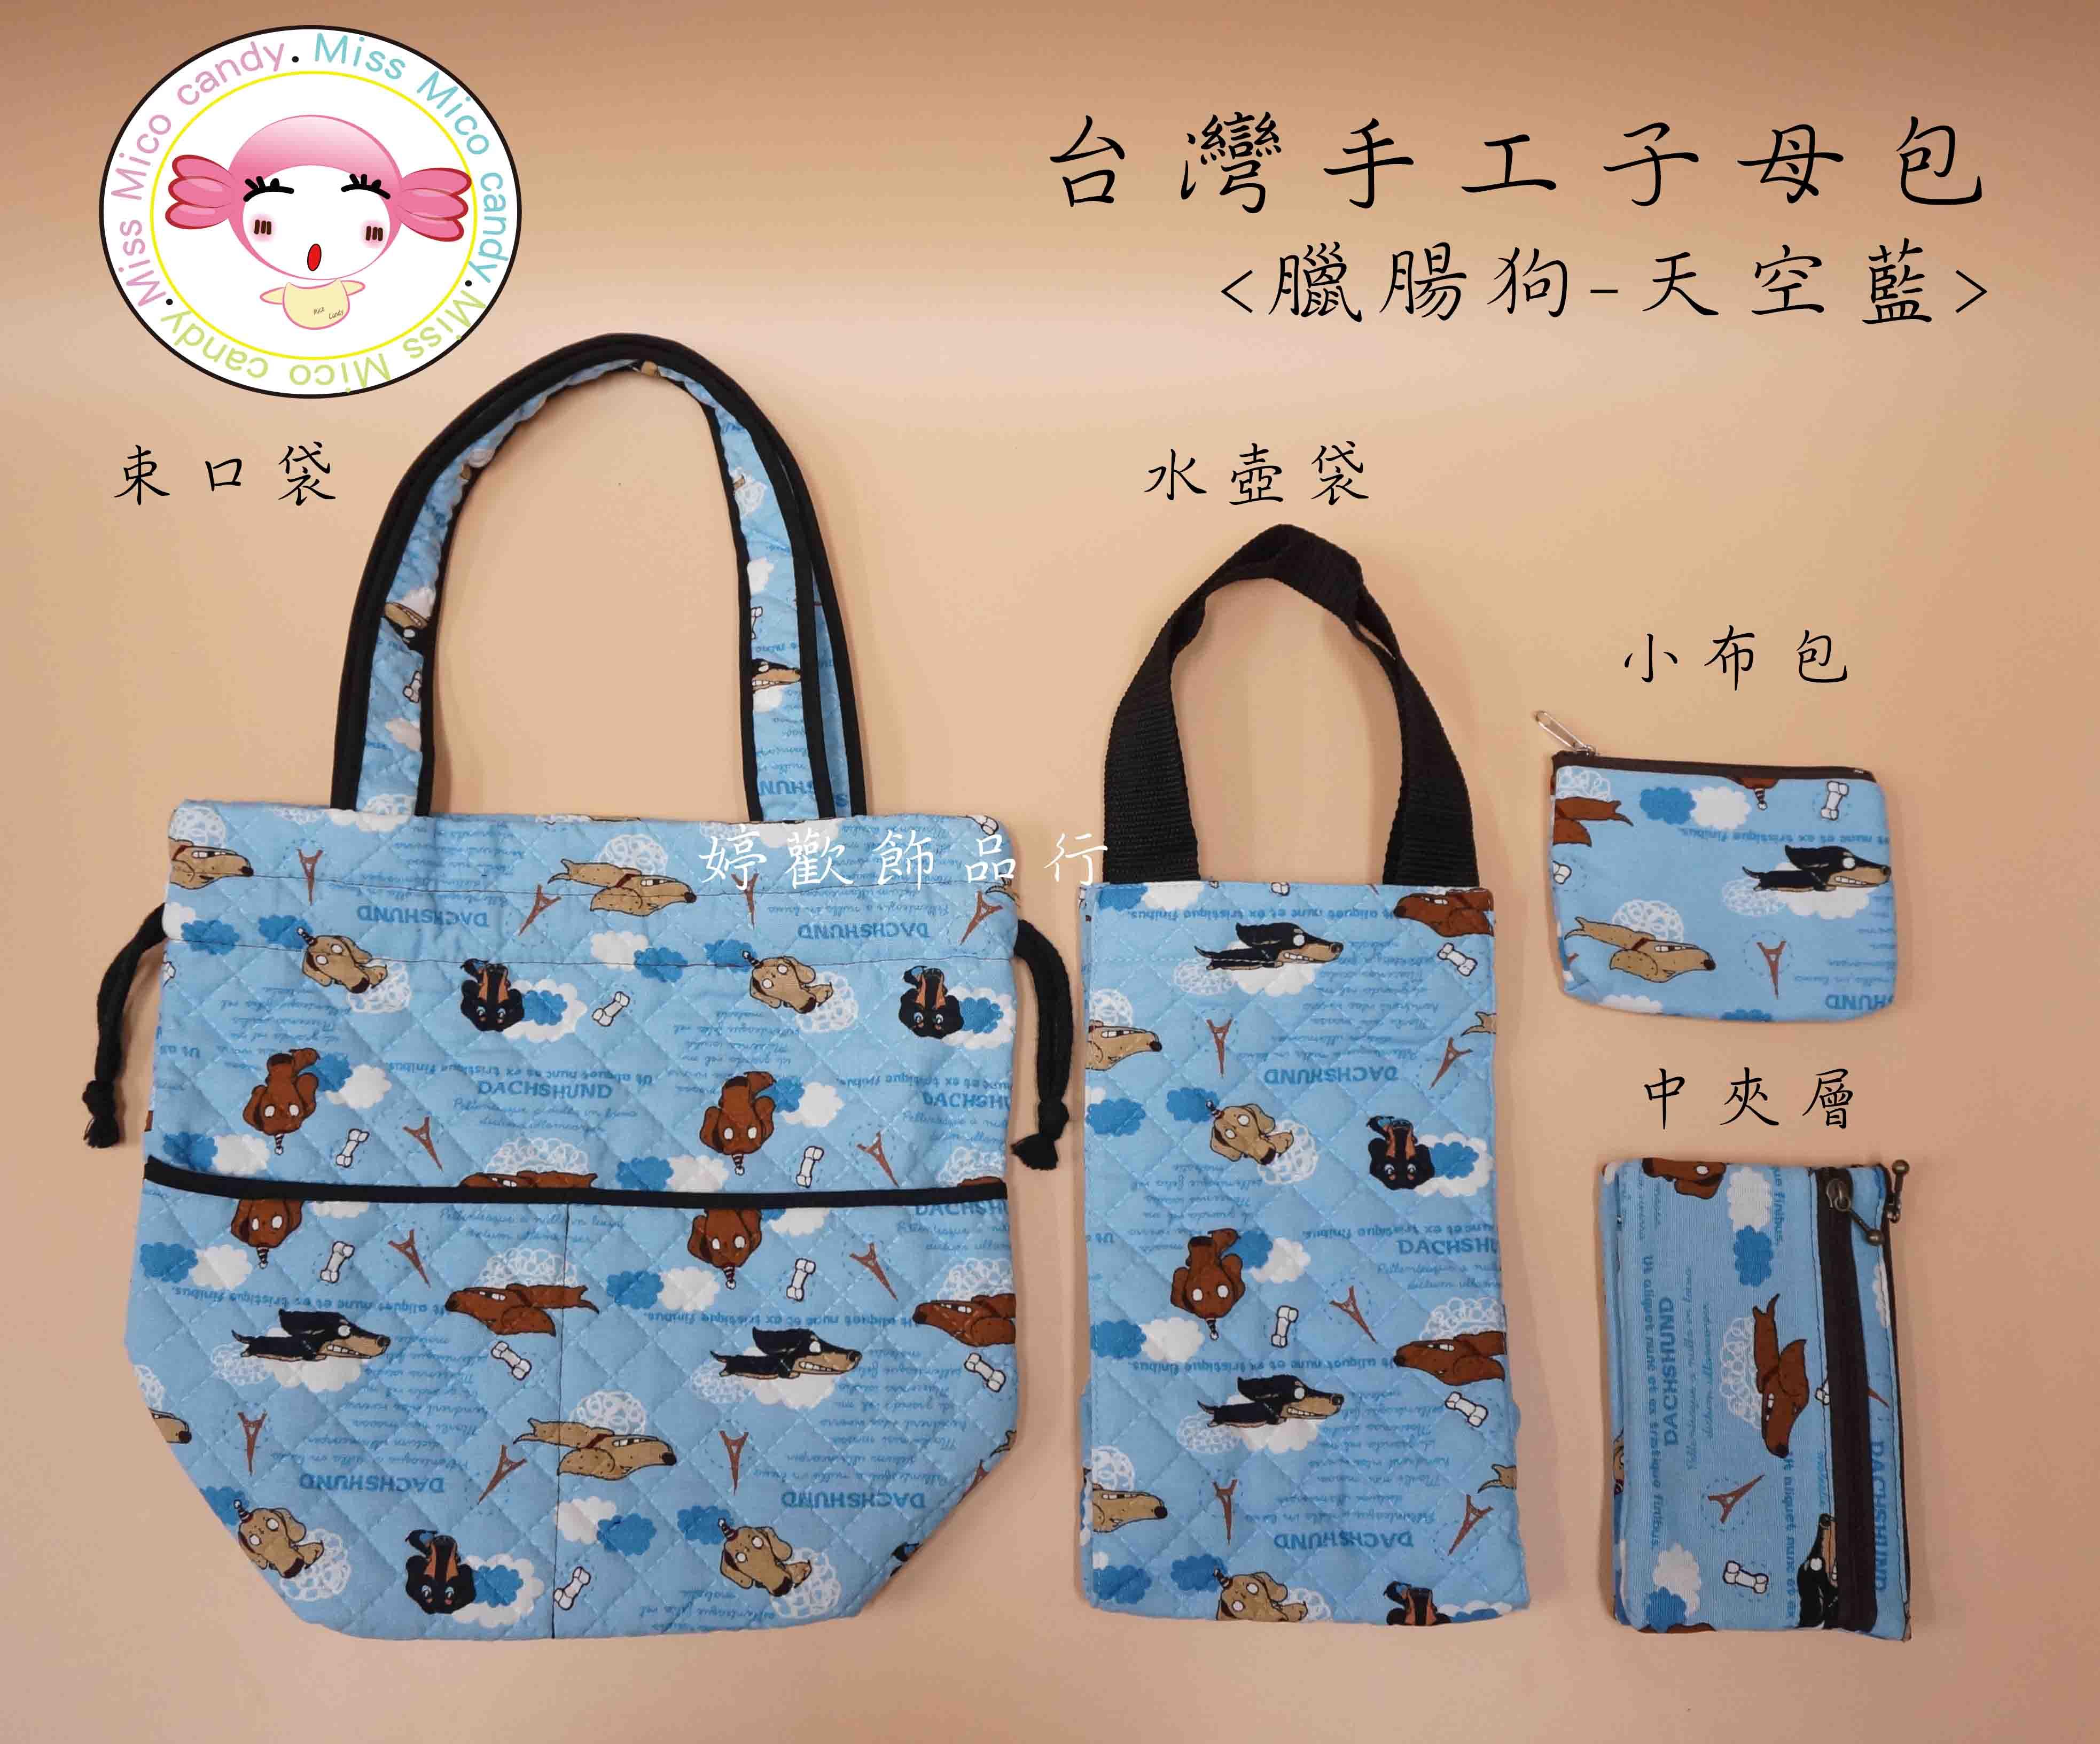 臘腸狗天空藍,限量手工包套組/便當袋/水壺袋/鉛筆盒/零錢包/收納袋